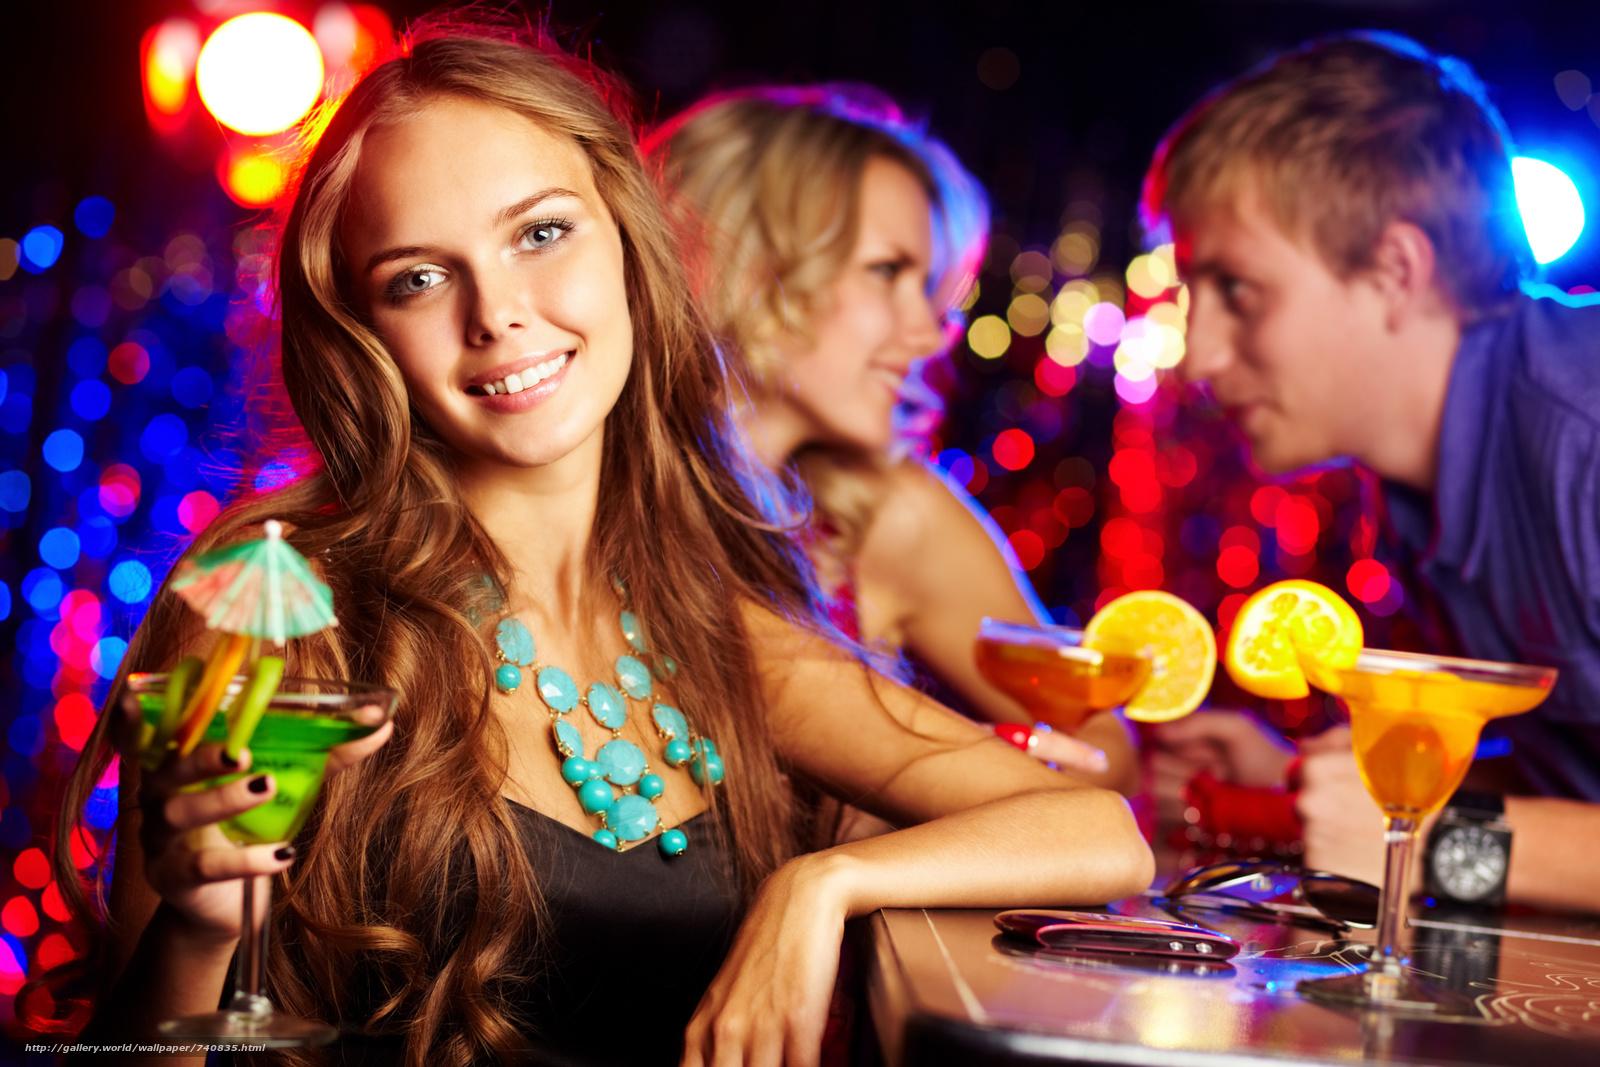 Вечеринка с красотками вам